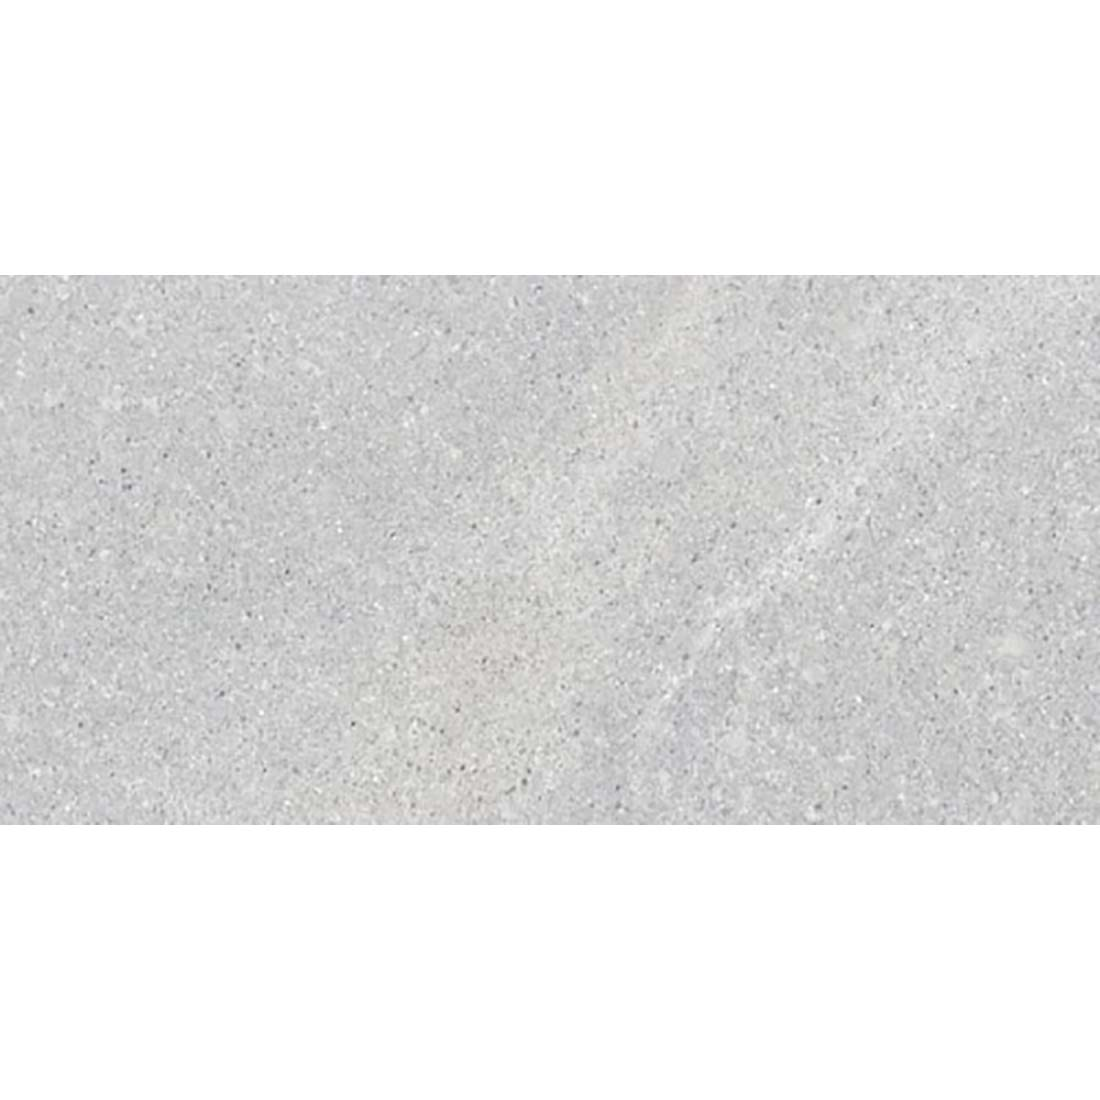 Jeju 30x60 Light Bone Matt R11 1